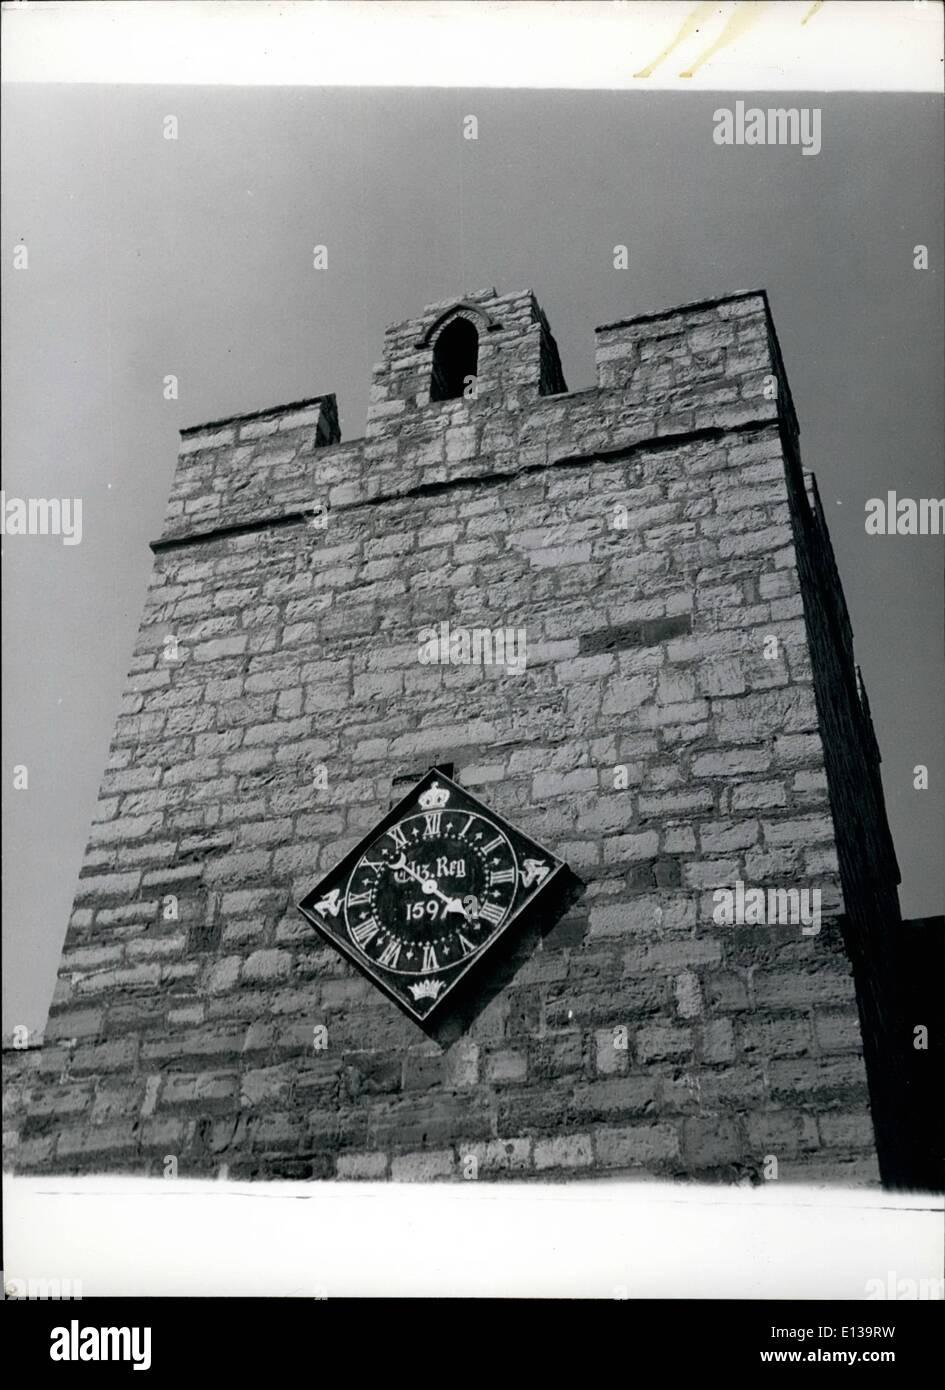 Febrero 29, 2012 - histórico reloj de la torre sur de casta Rushen, Castletown, I.O.M. con el reloj que fue presentado por la Reina Isabel en 1597, cuando ocupó la isla durante un período de conflicto en cuanto a la sucesión legítima del rival Derby reclamantes. El reloj que sólo tiene tres ruedas, todavía mantiene un excelente tiempo. Imagen De Stock